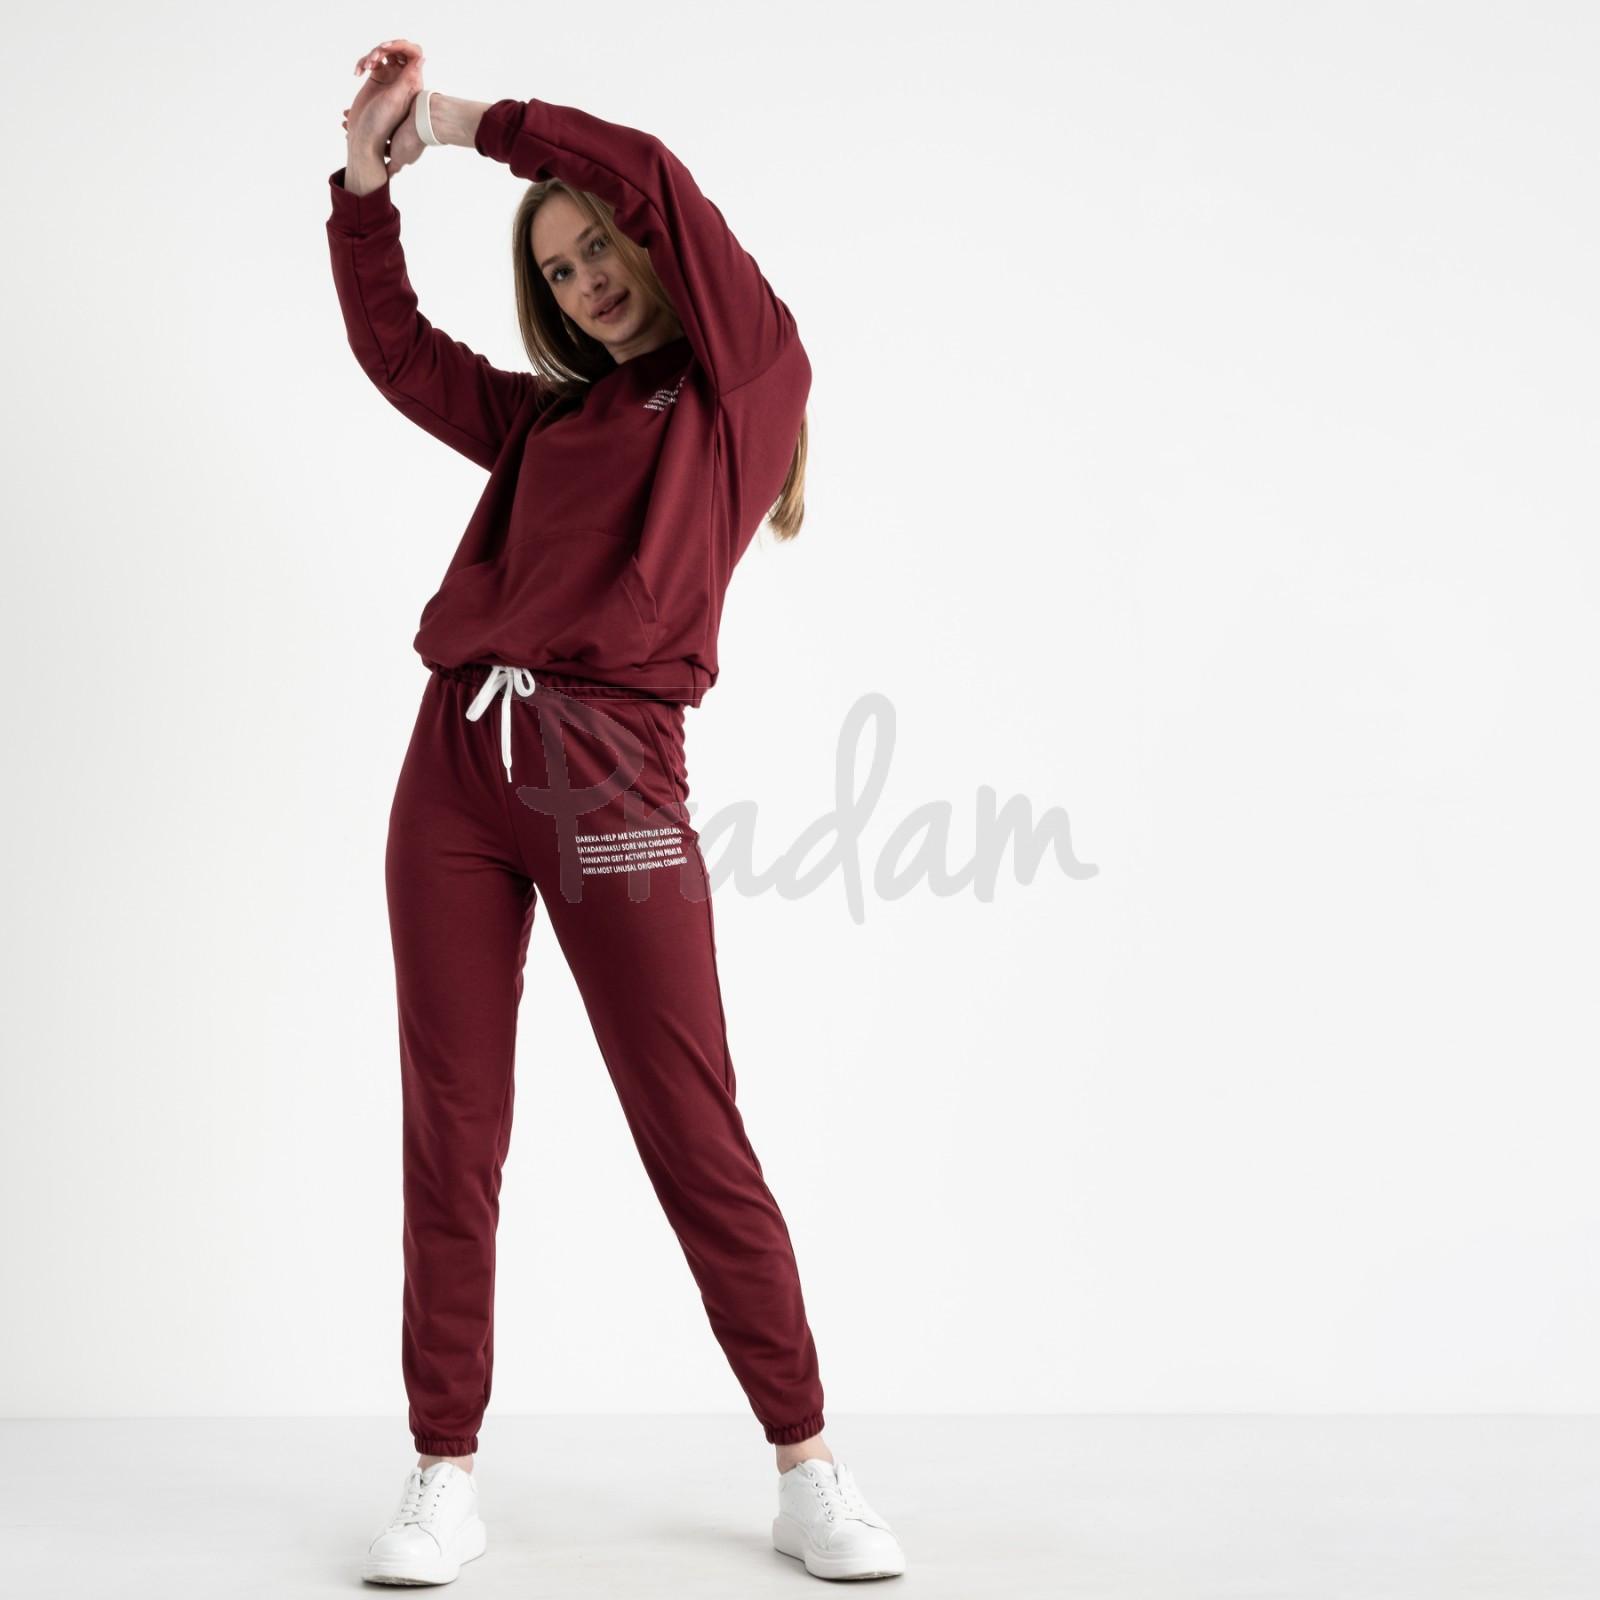 15225-2 бордовый женский спортивный костюм из двунитки (4 ед. размеры: S.M.L.XL)